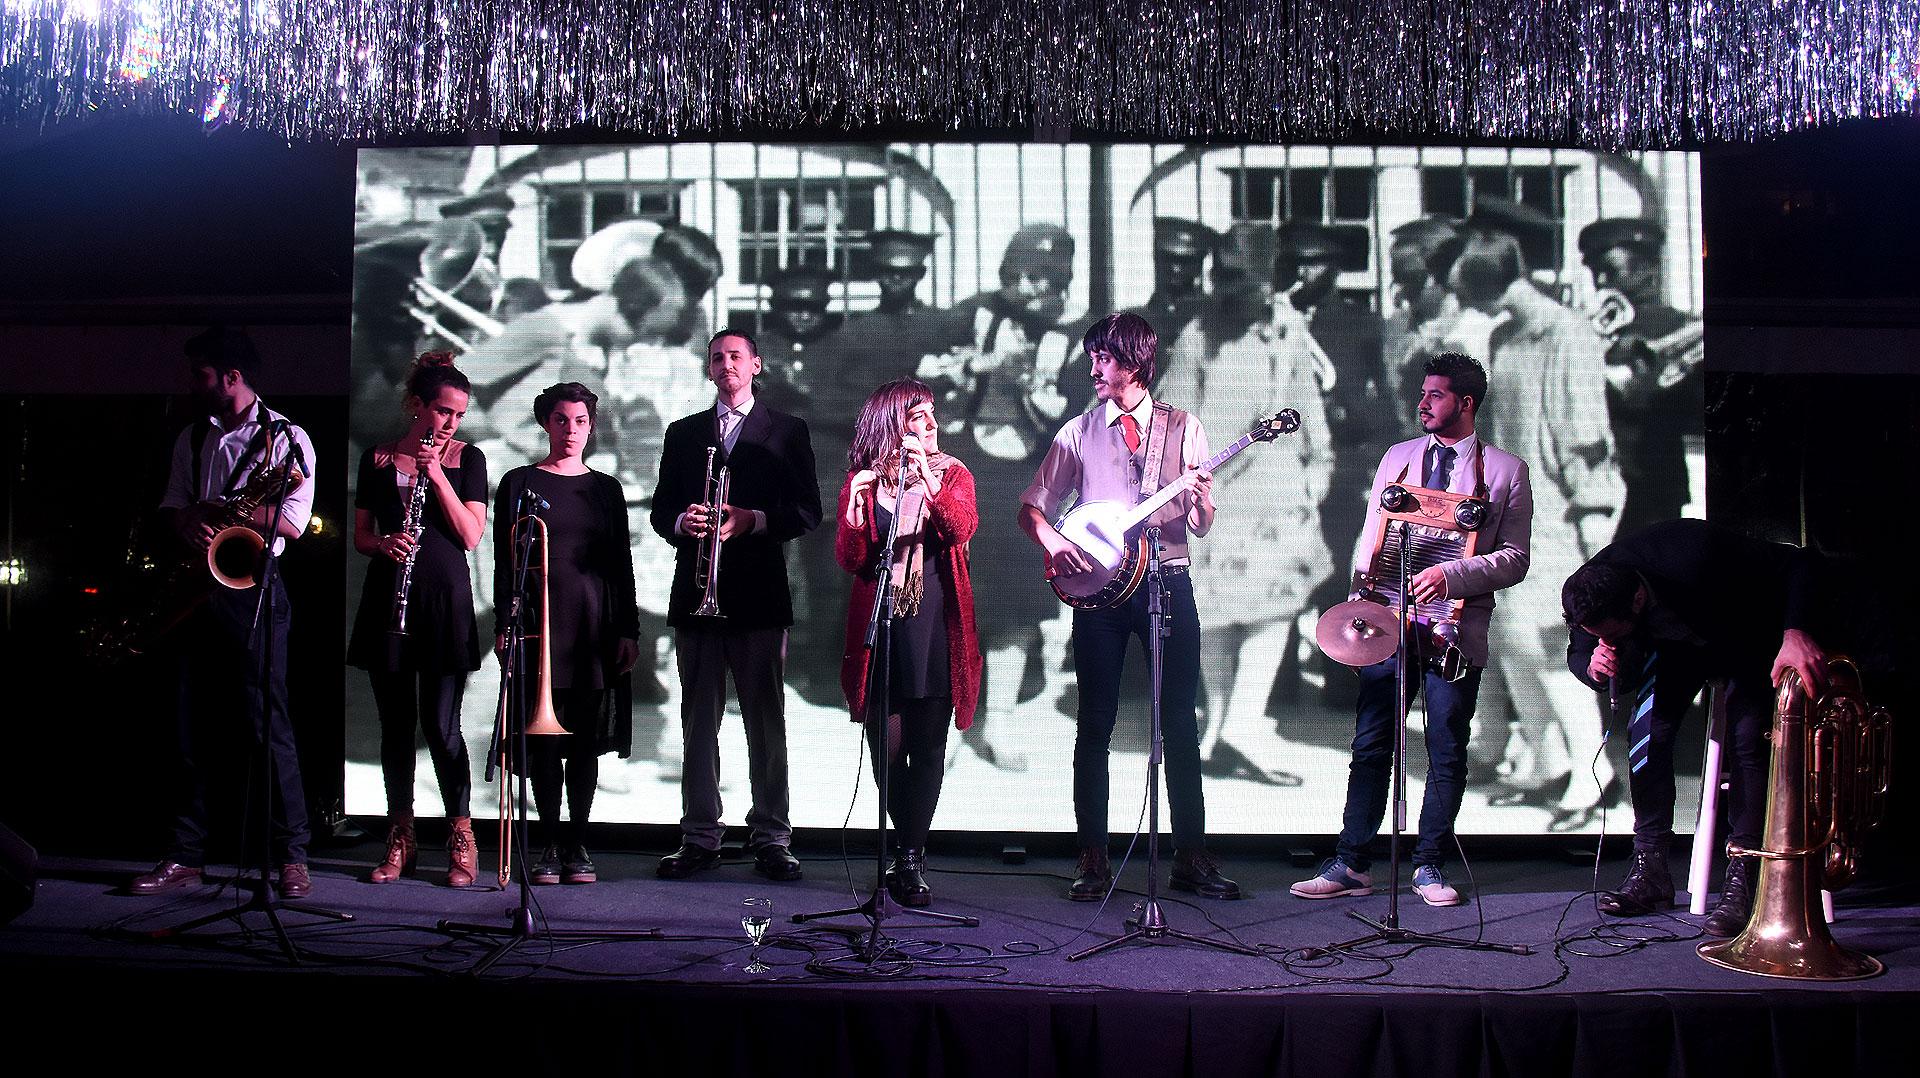 Los invitados disfrutaron de varios shows y diversas atracciones, como una performance de jazz